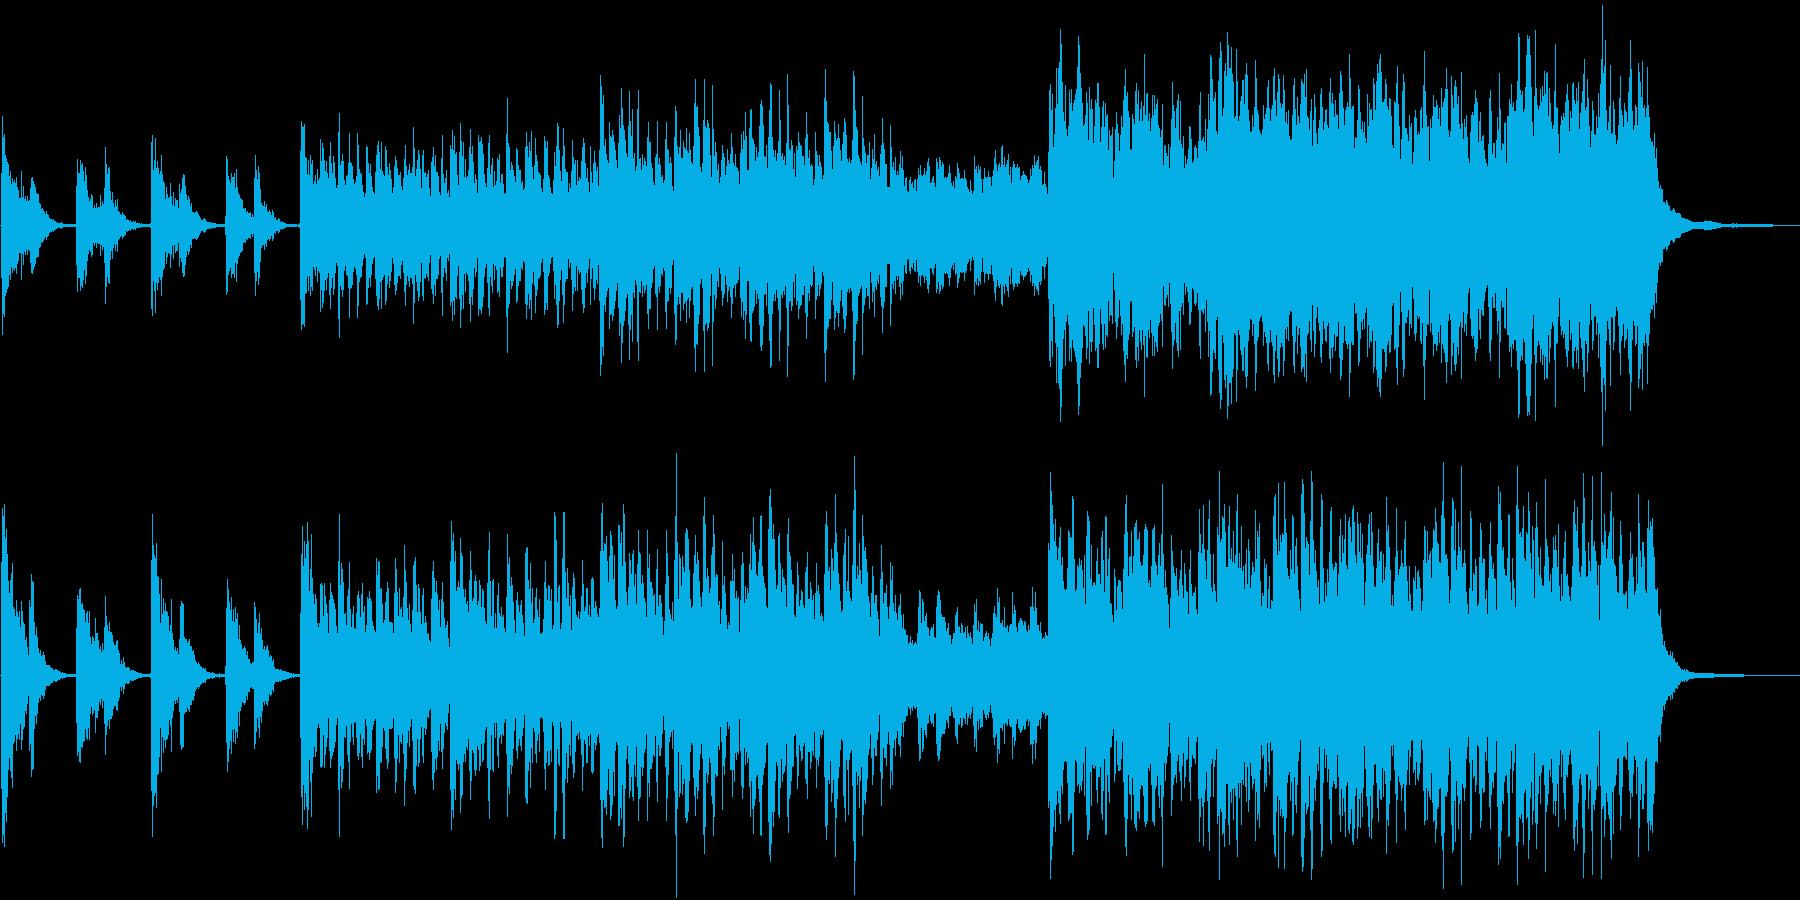 春のクリエイティブなCM向け管弦弦楽曲の再生済みの波形